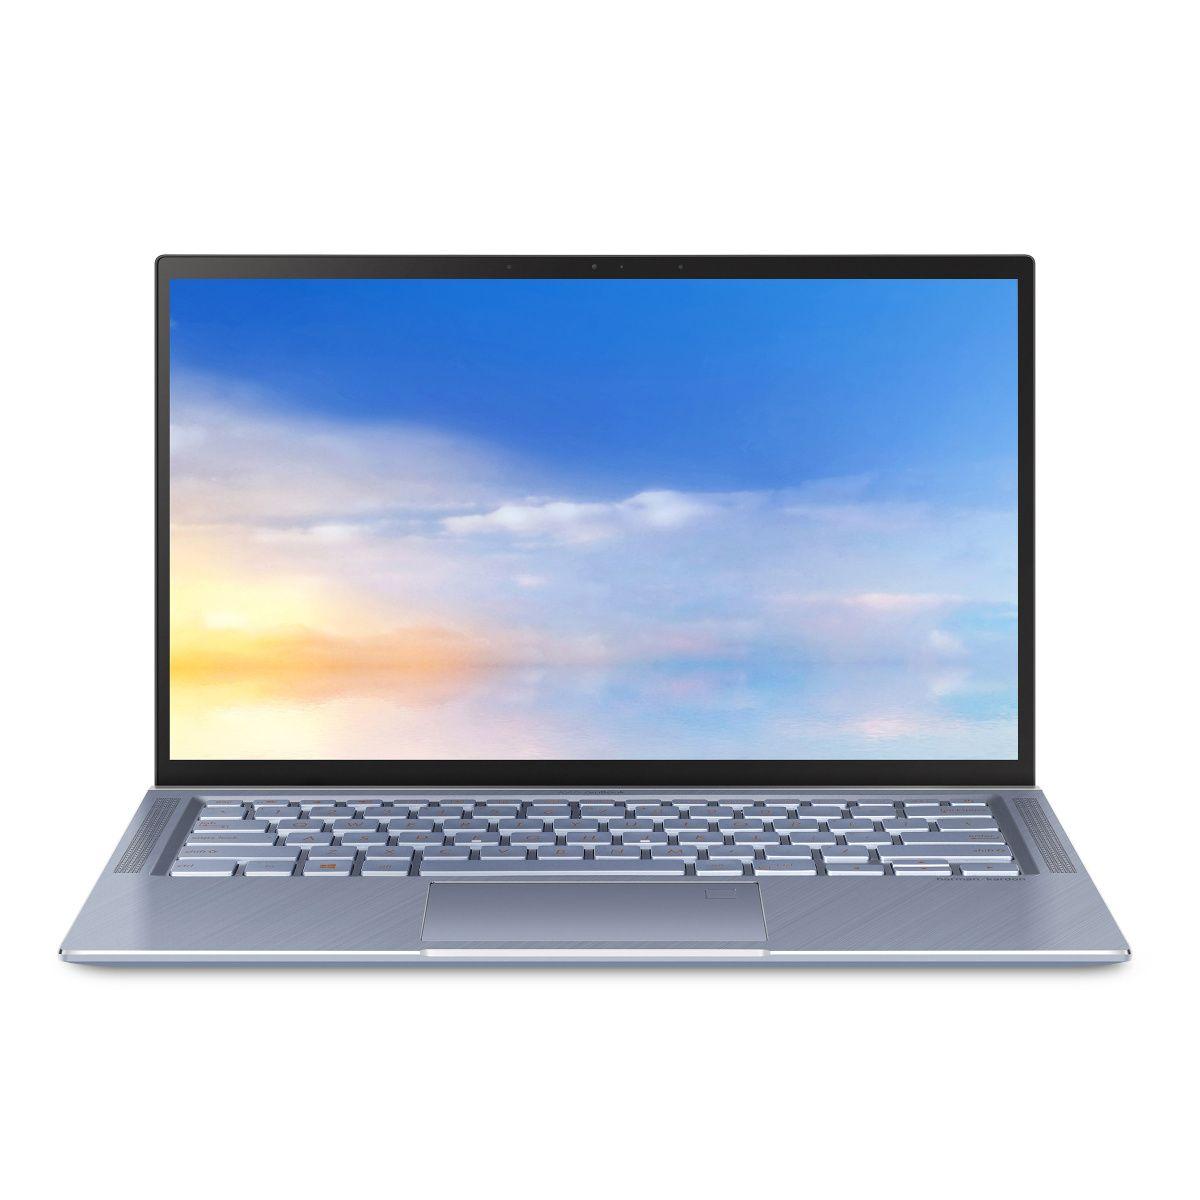 Ноутбук Asus ZenBook 14 UX431FA (UX431FA-AN136T)